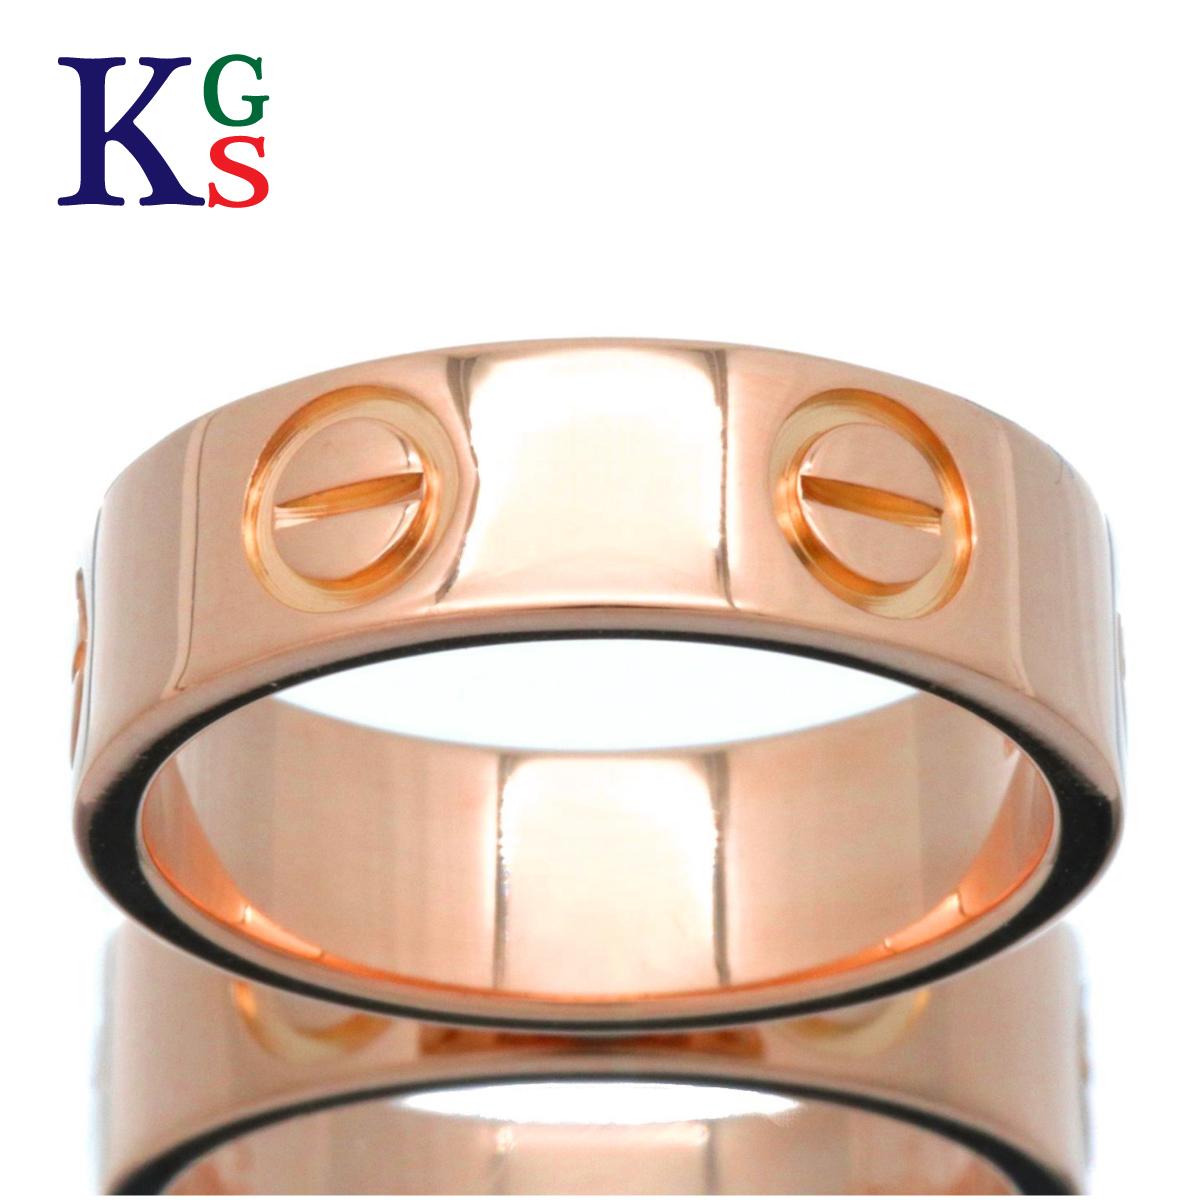 【ギフト品質】【名入れ】【4号~14号】カルティエ/Cartier / 指輪 レディース / ラブリング LOVE ピンクゴールド K18PG 750 / B4084800